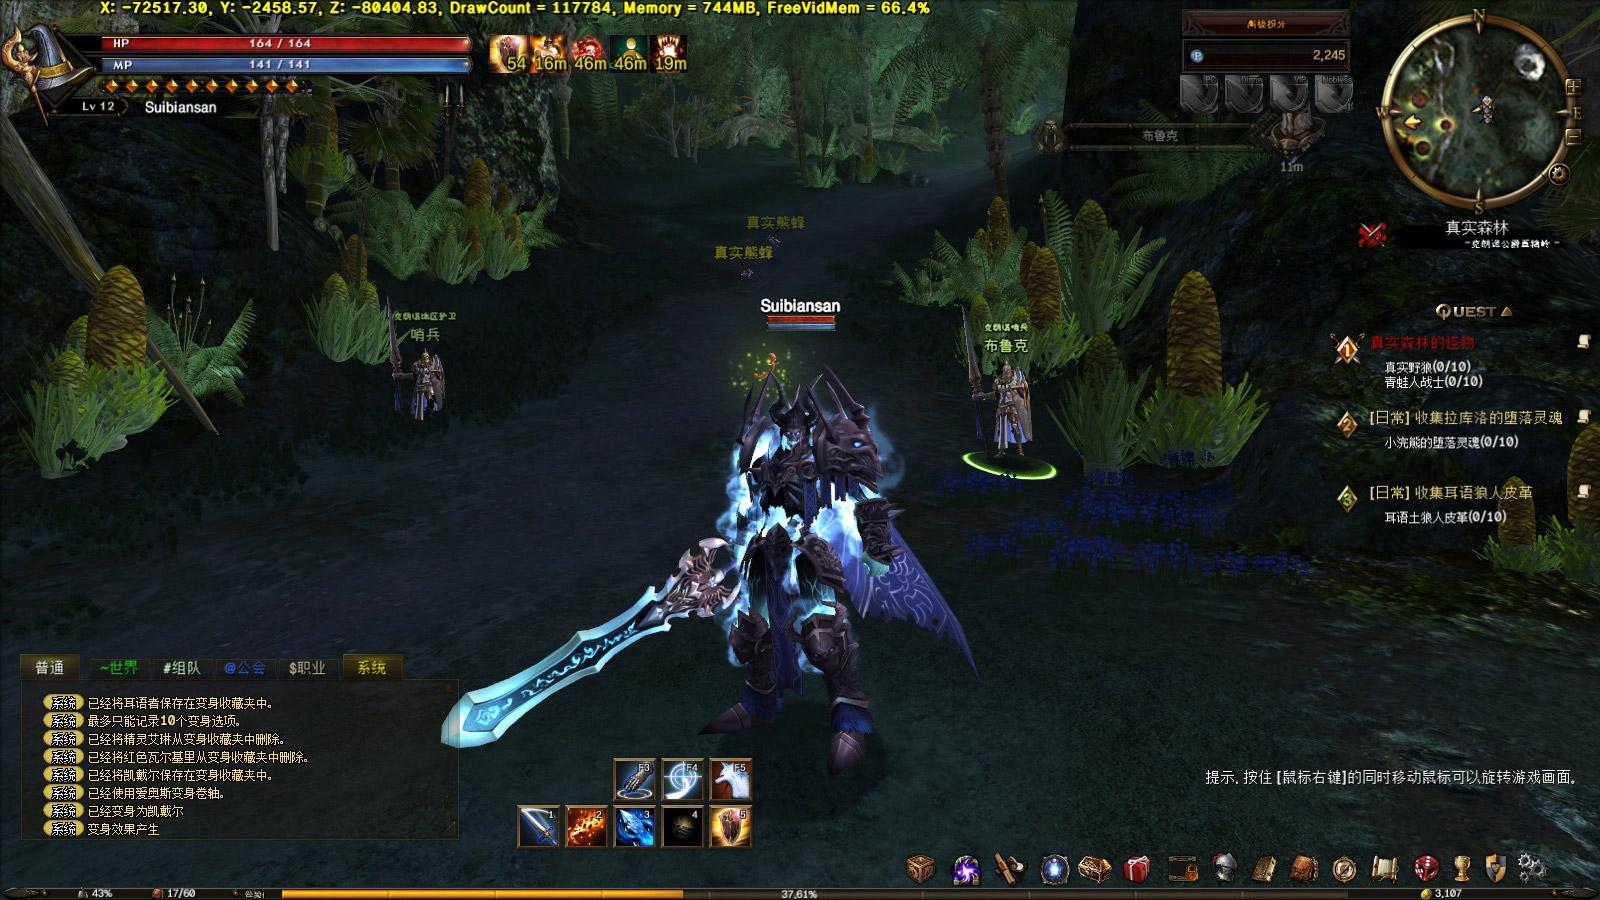 龙骑士传奇 游戏画面